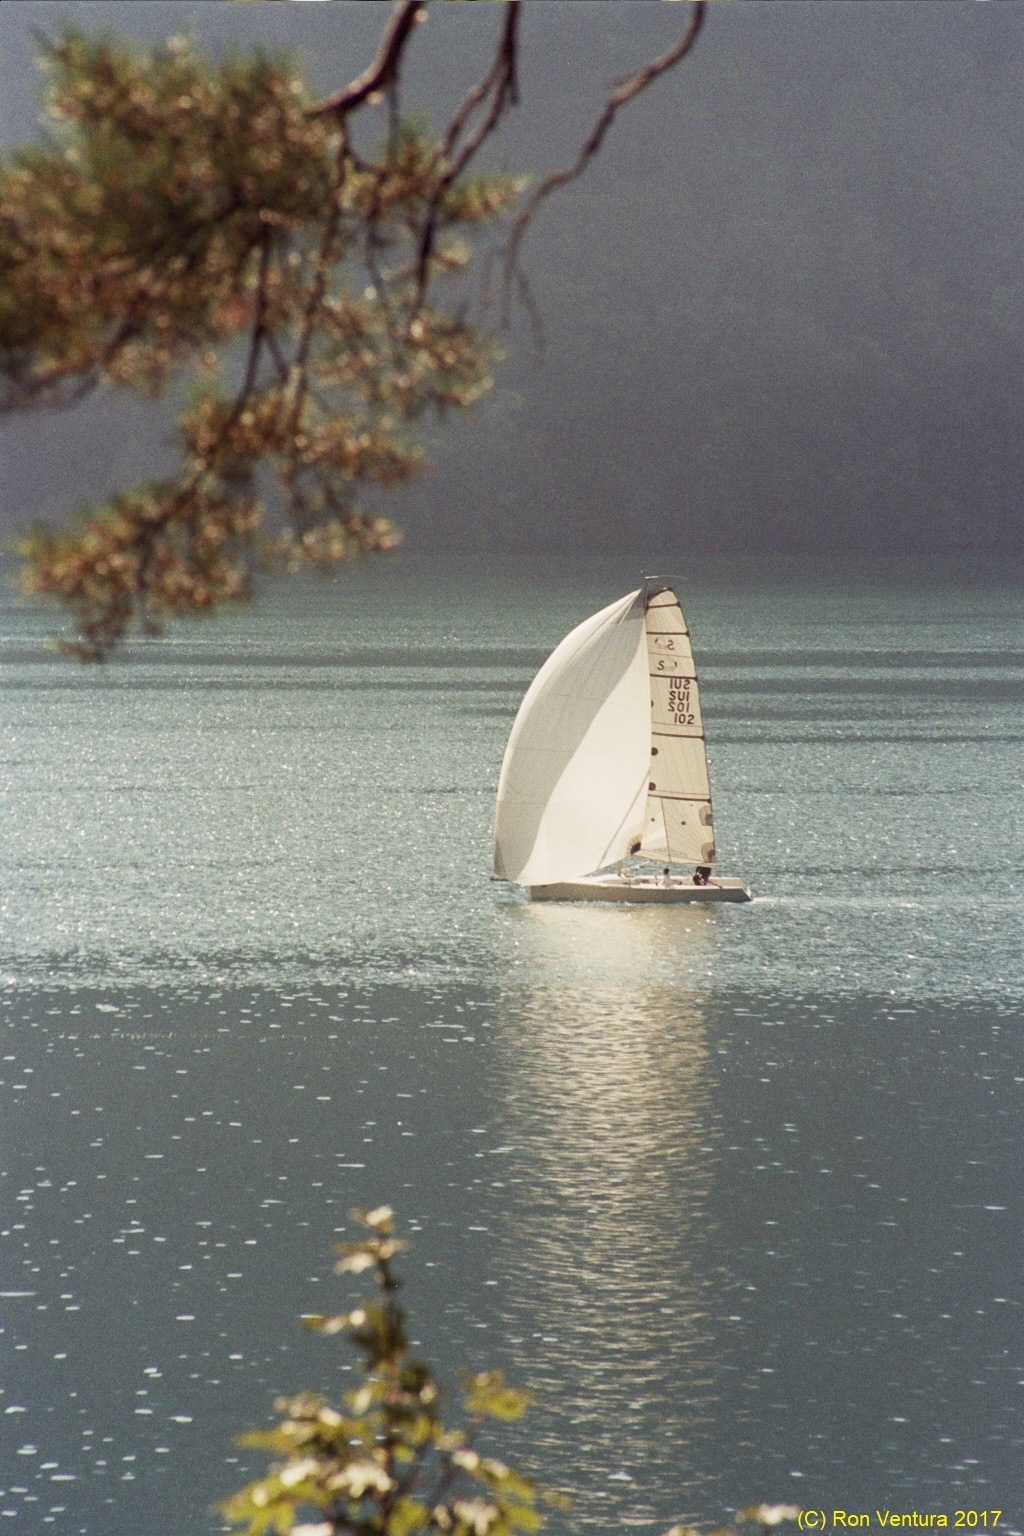 Lake Luzern on Sunday